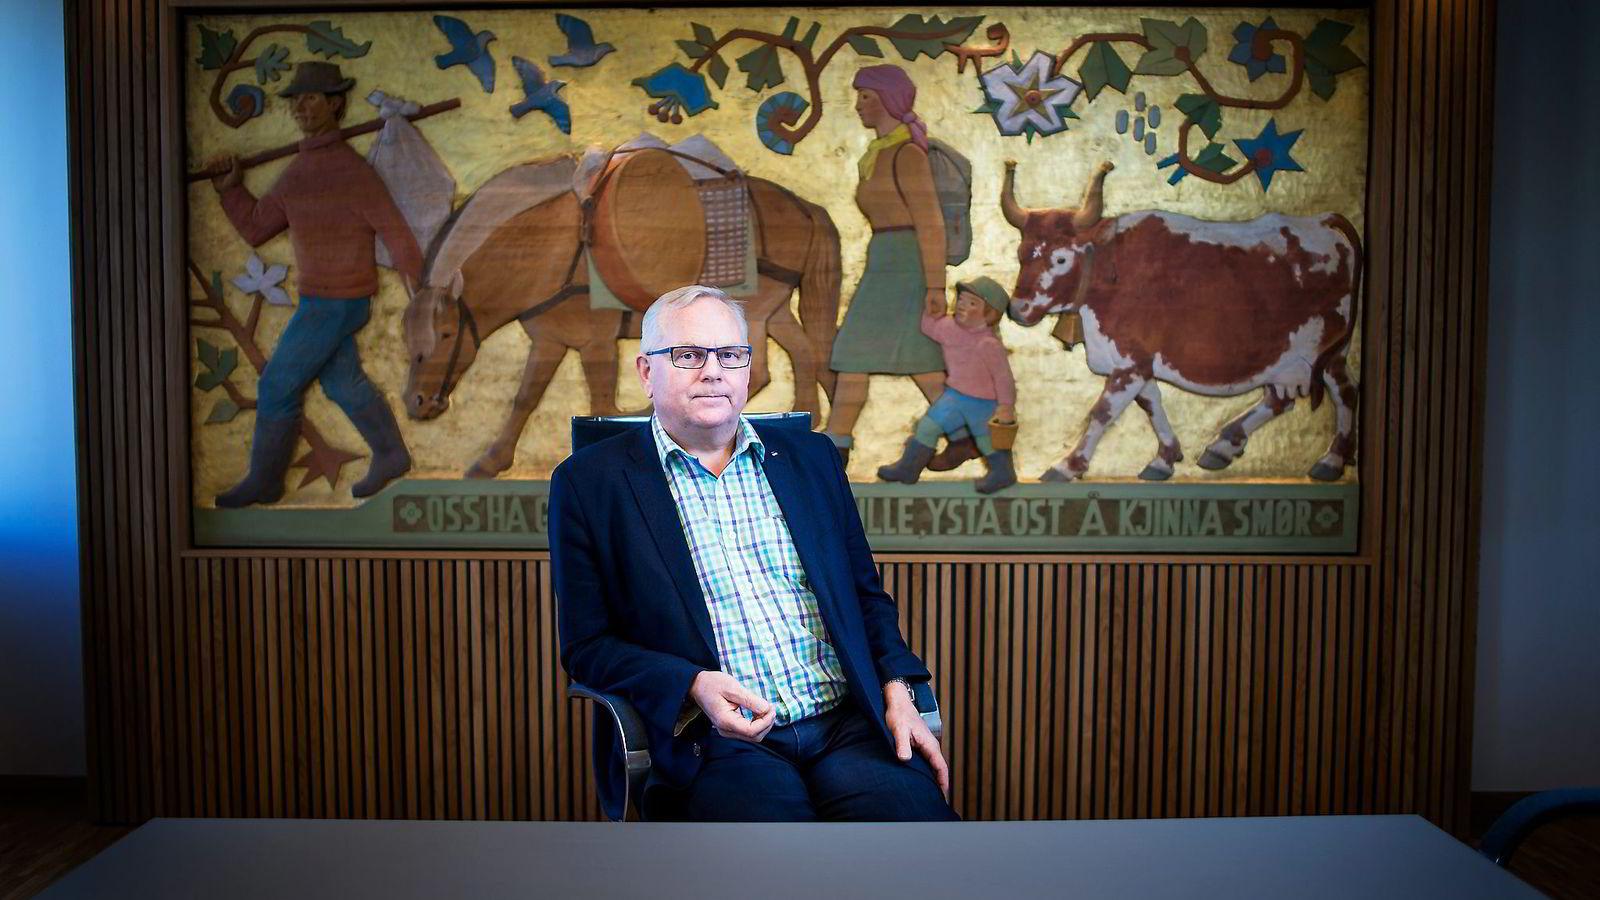 Tines styreleder Trond Reierstad mener ikke at Tine-merkevaren blir utvannet nå som 10.000 tonn Jarlsberg-ost skal ystes på irsk melk. Foto: Luca Kleve-Ruud